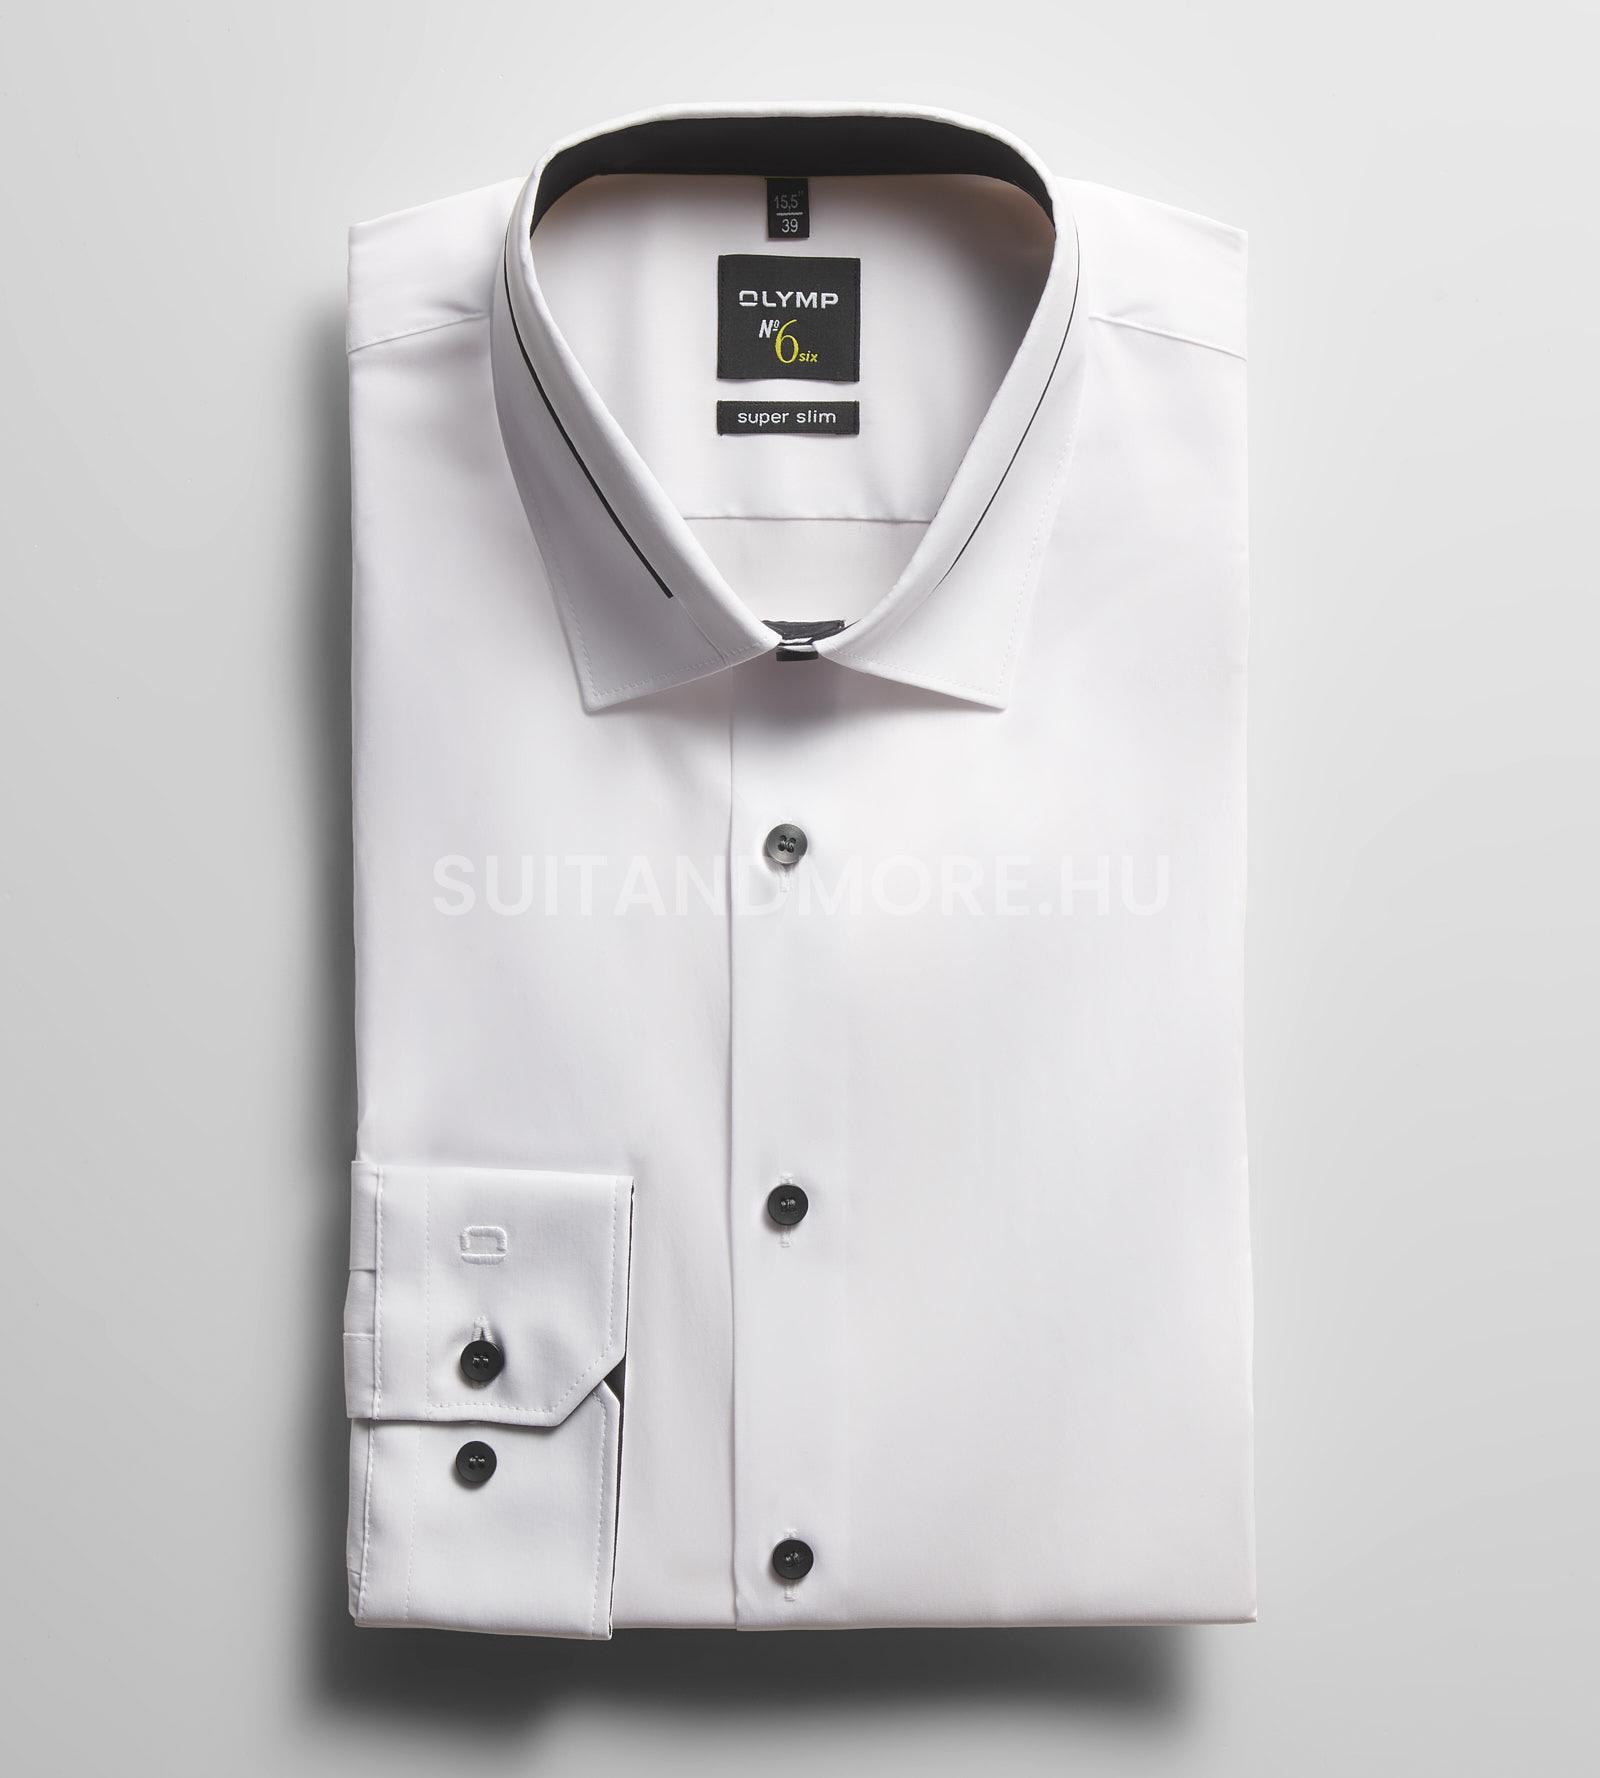 OLYMP-No-Six-fehér-super-slim-fehér-ing-2510-14-00-01